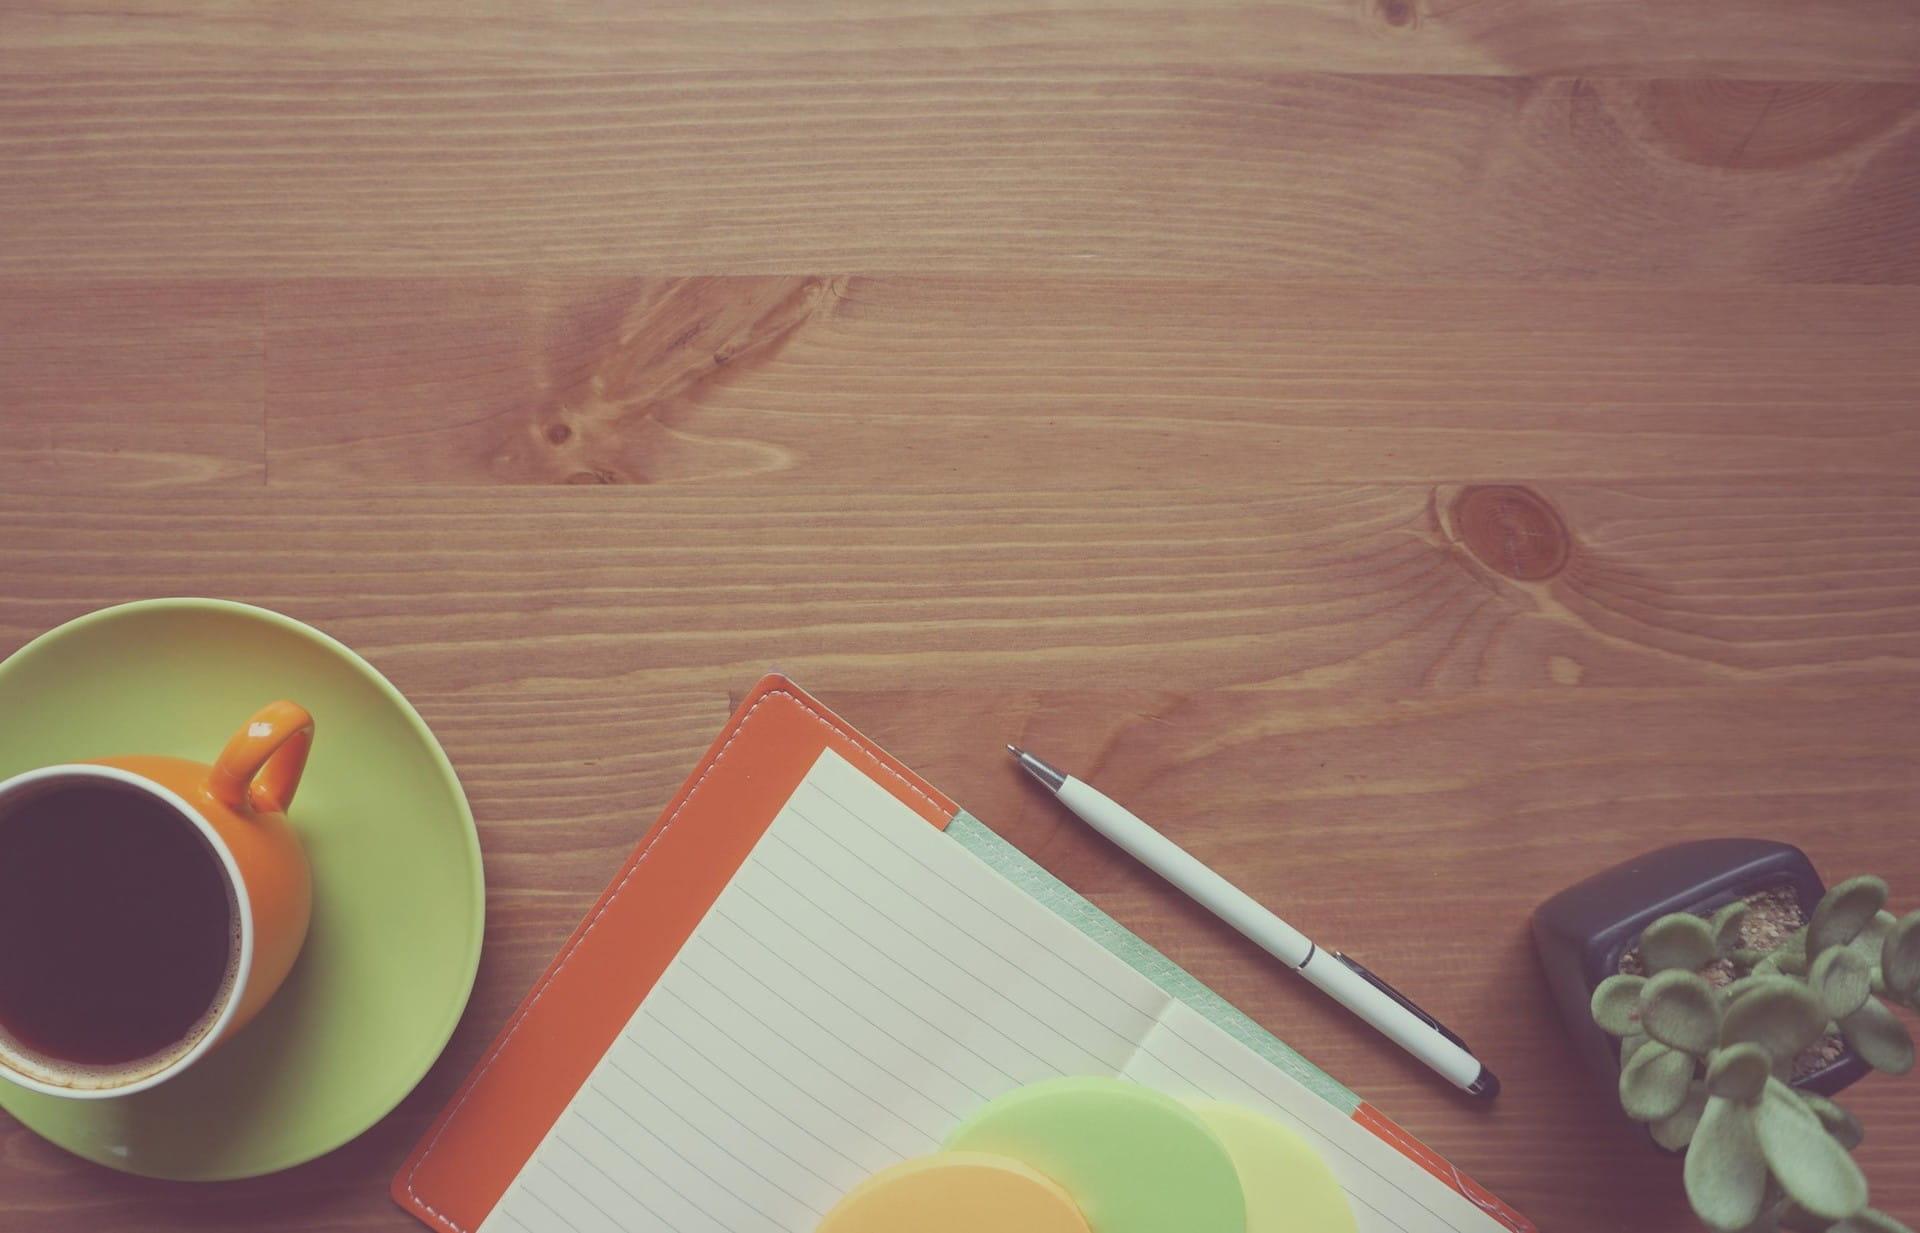 Holzfläche, auf der eine Kaffeetasse und ein Notizblock stehen